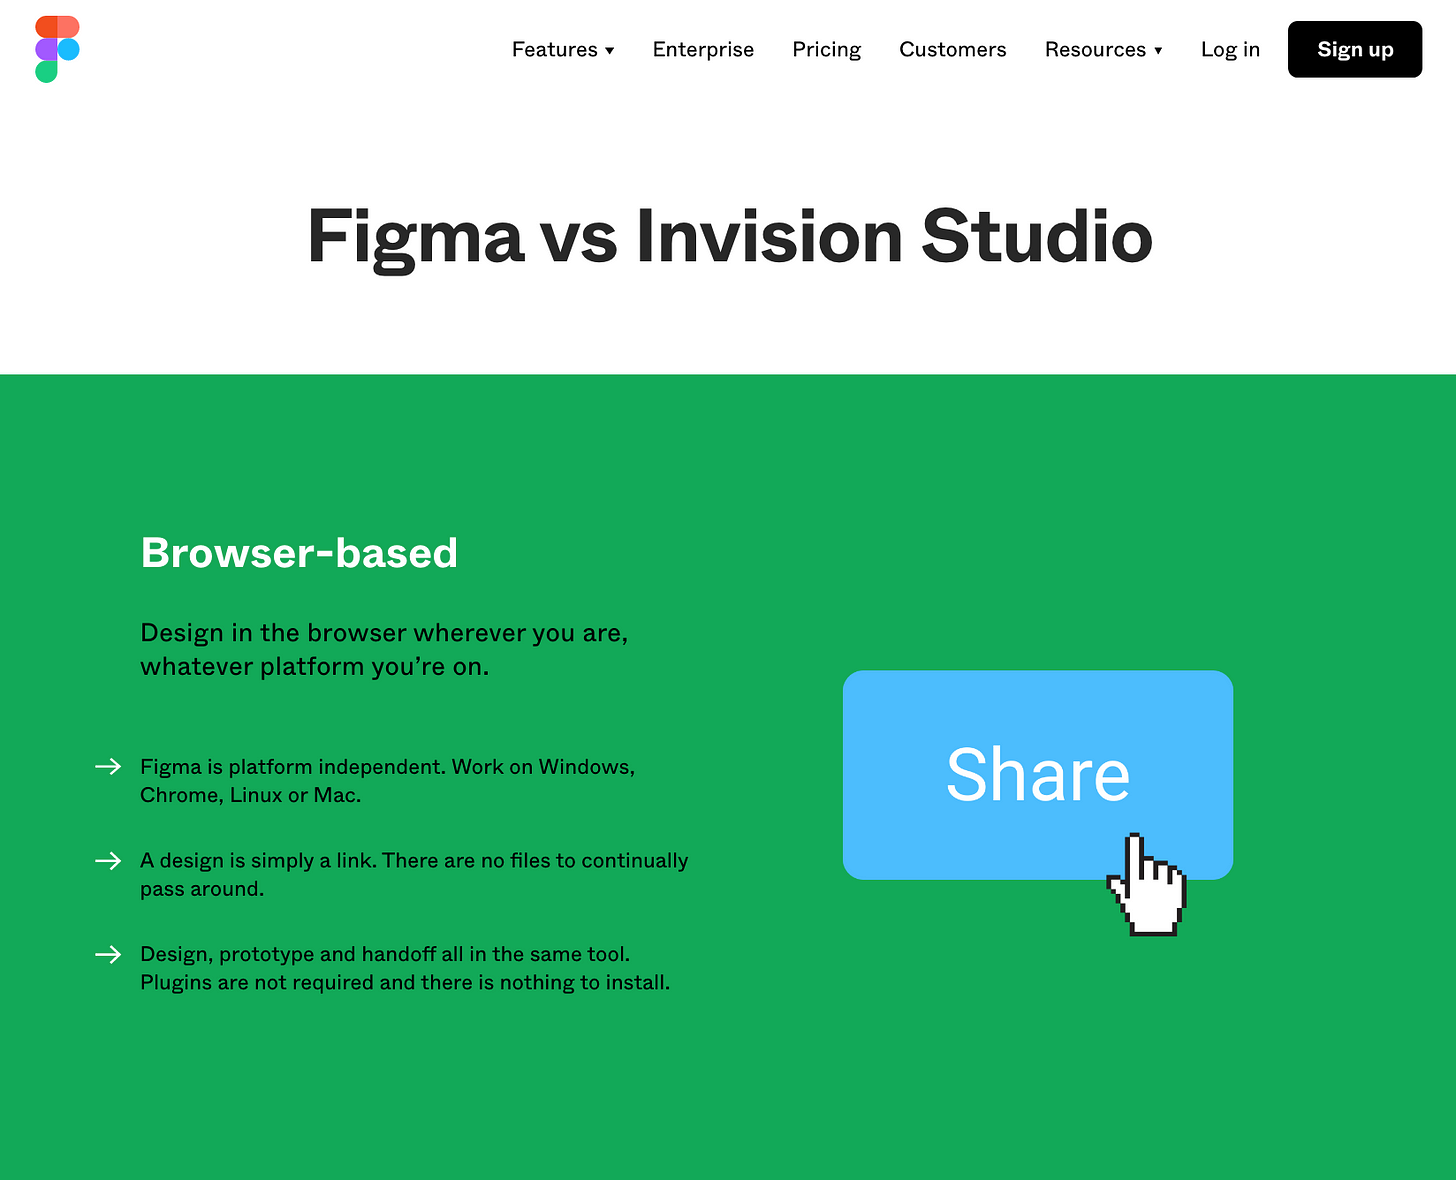 Figma vs Invision